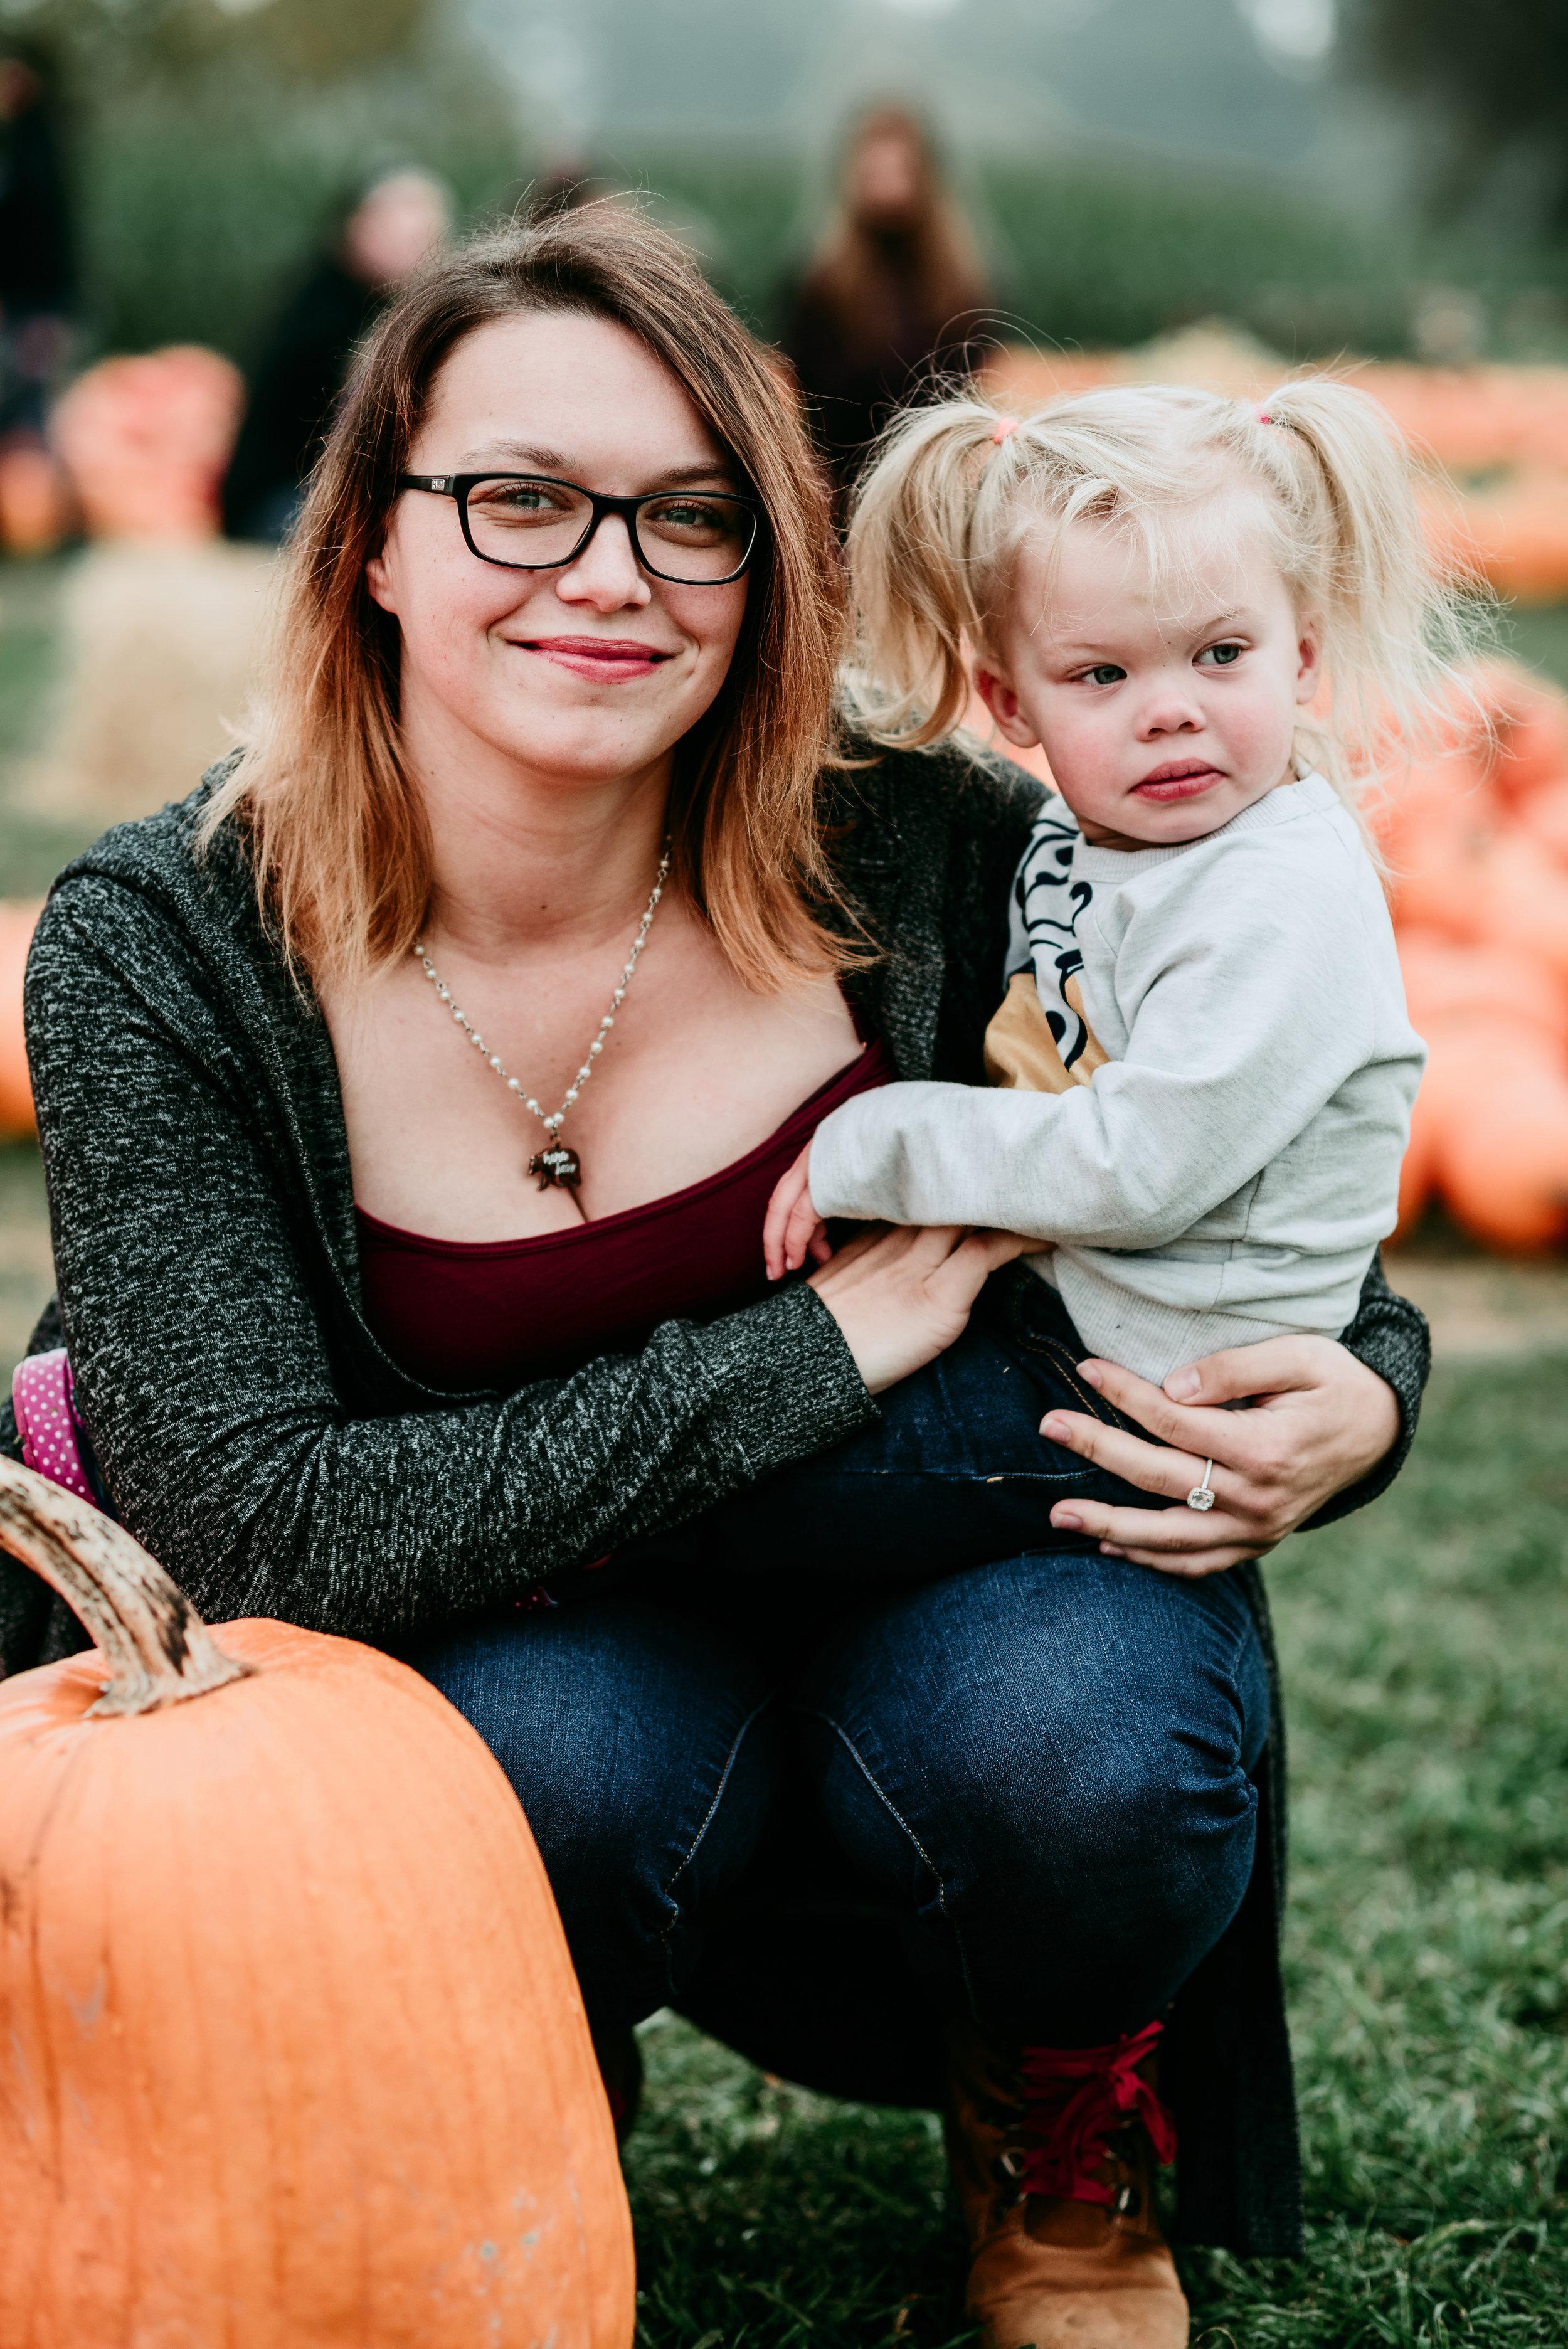 lil_pumpkin08.jpg